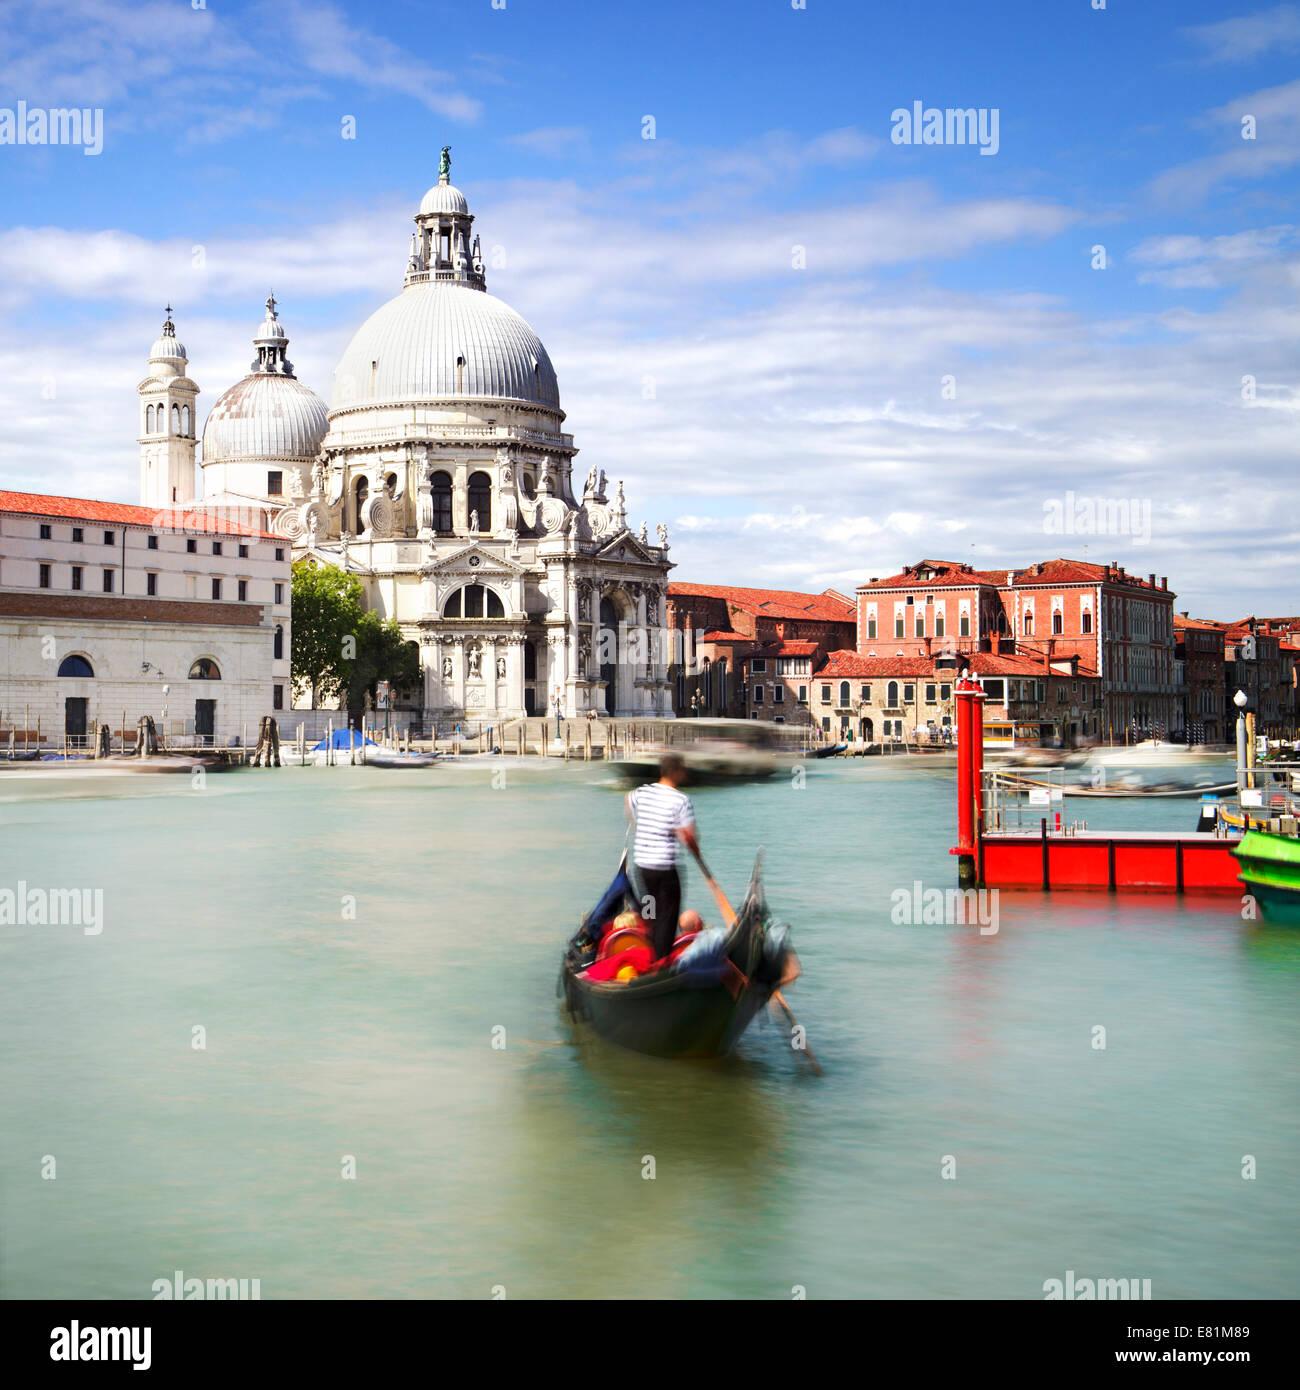 La góndola en el Canal Grande, con la Basílica di Santa Maria della Salute, en el fondo, Venecia, Italia Imagen De Stock